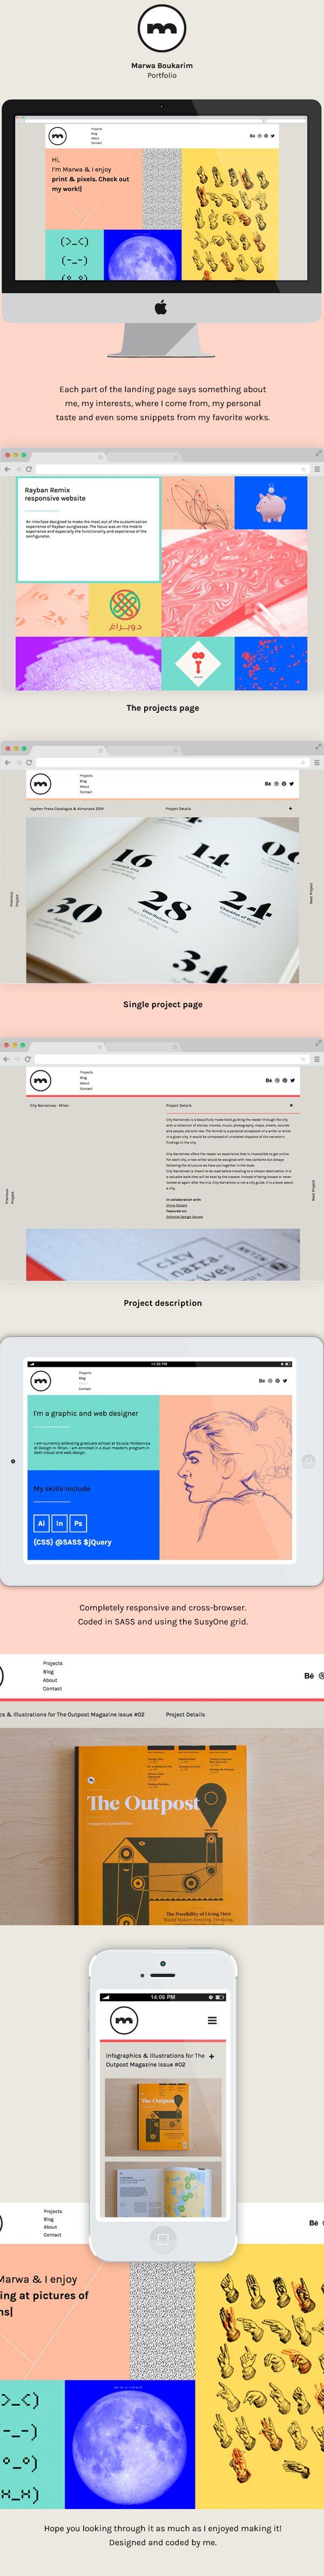 https://www.behance.net/gallery/19838109/Personal-Portfolio-Website